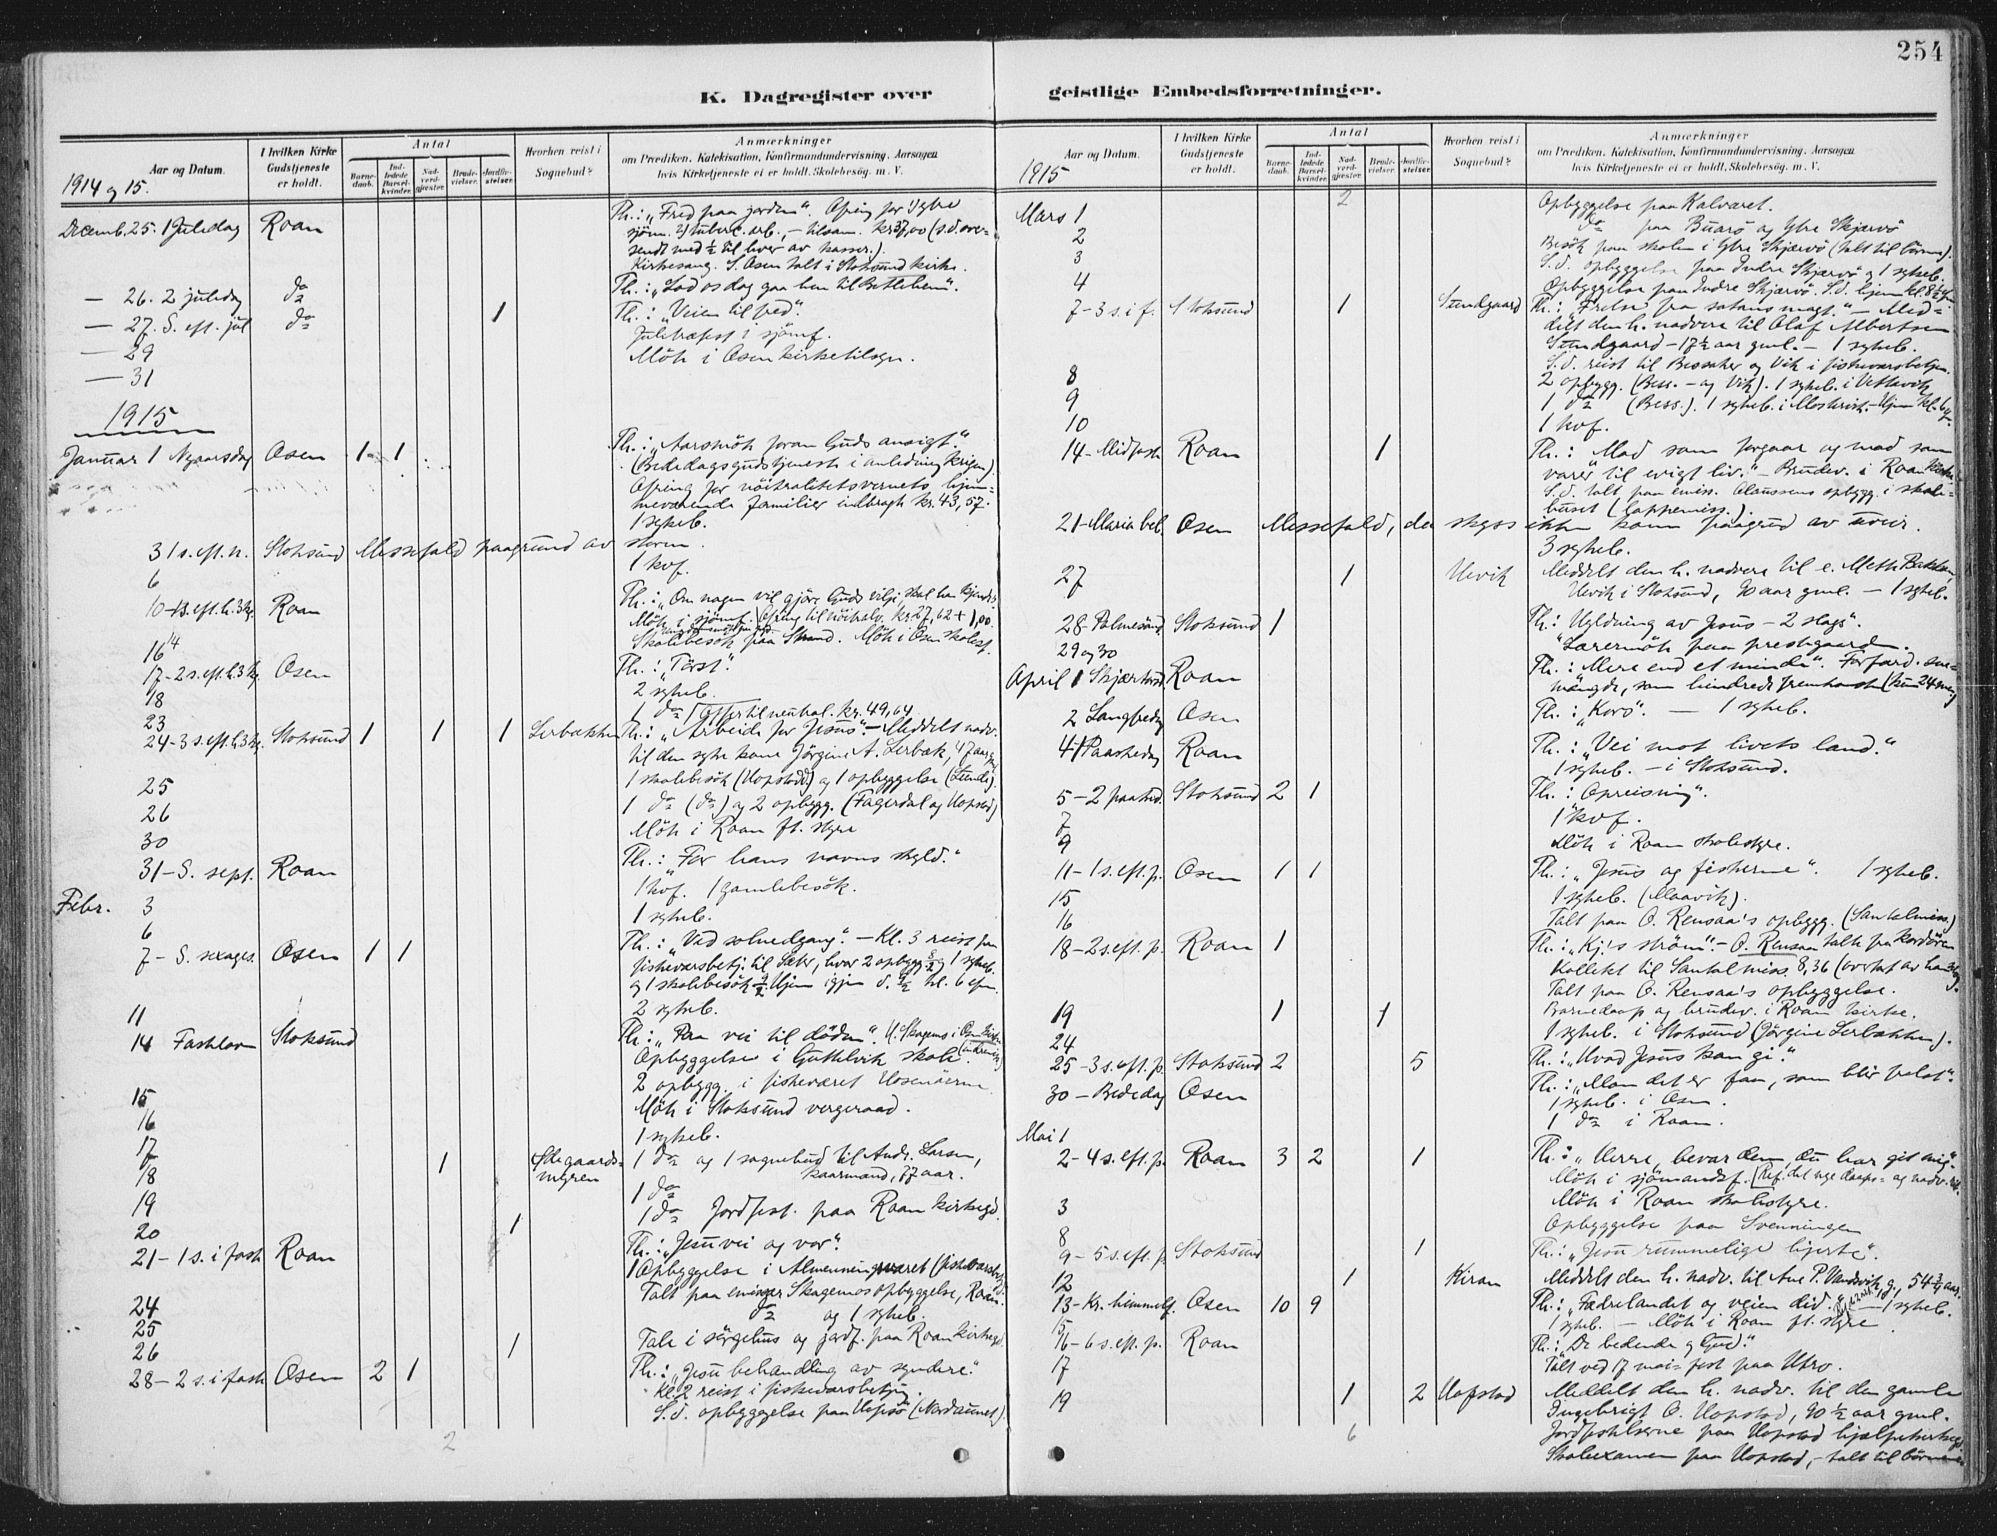 SAT, Ministerialprotokoller, klokkerbøker og fødselsregistre - Sør-Trøndelag, 657/L0709: Ministerialbok nr. 657A10, 1905-1919, s. 254